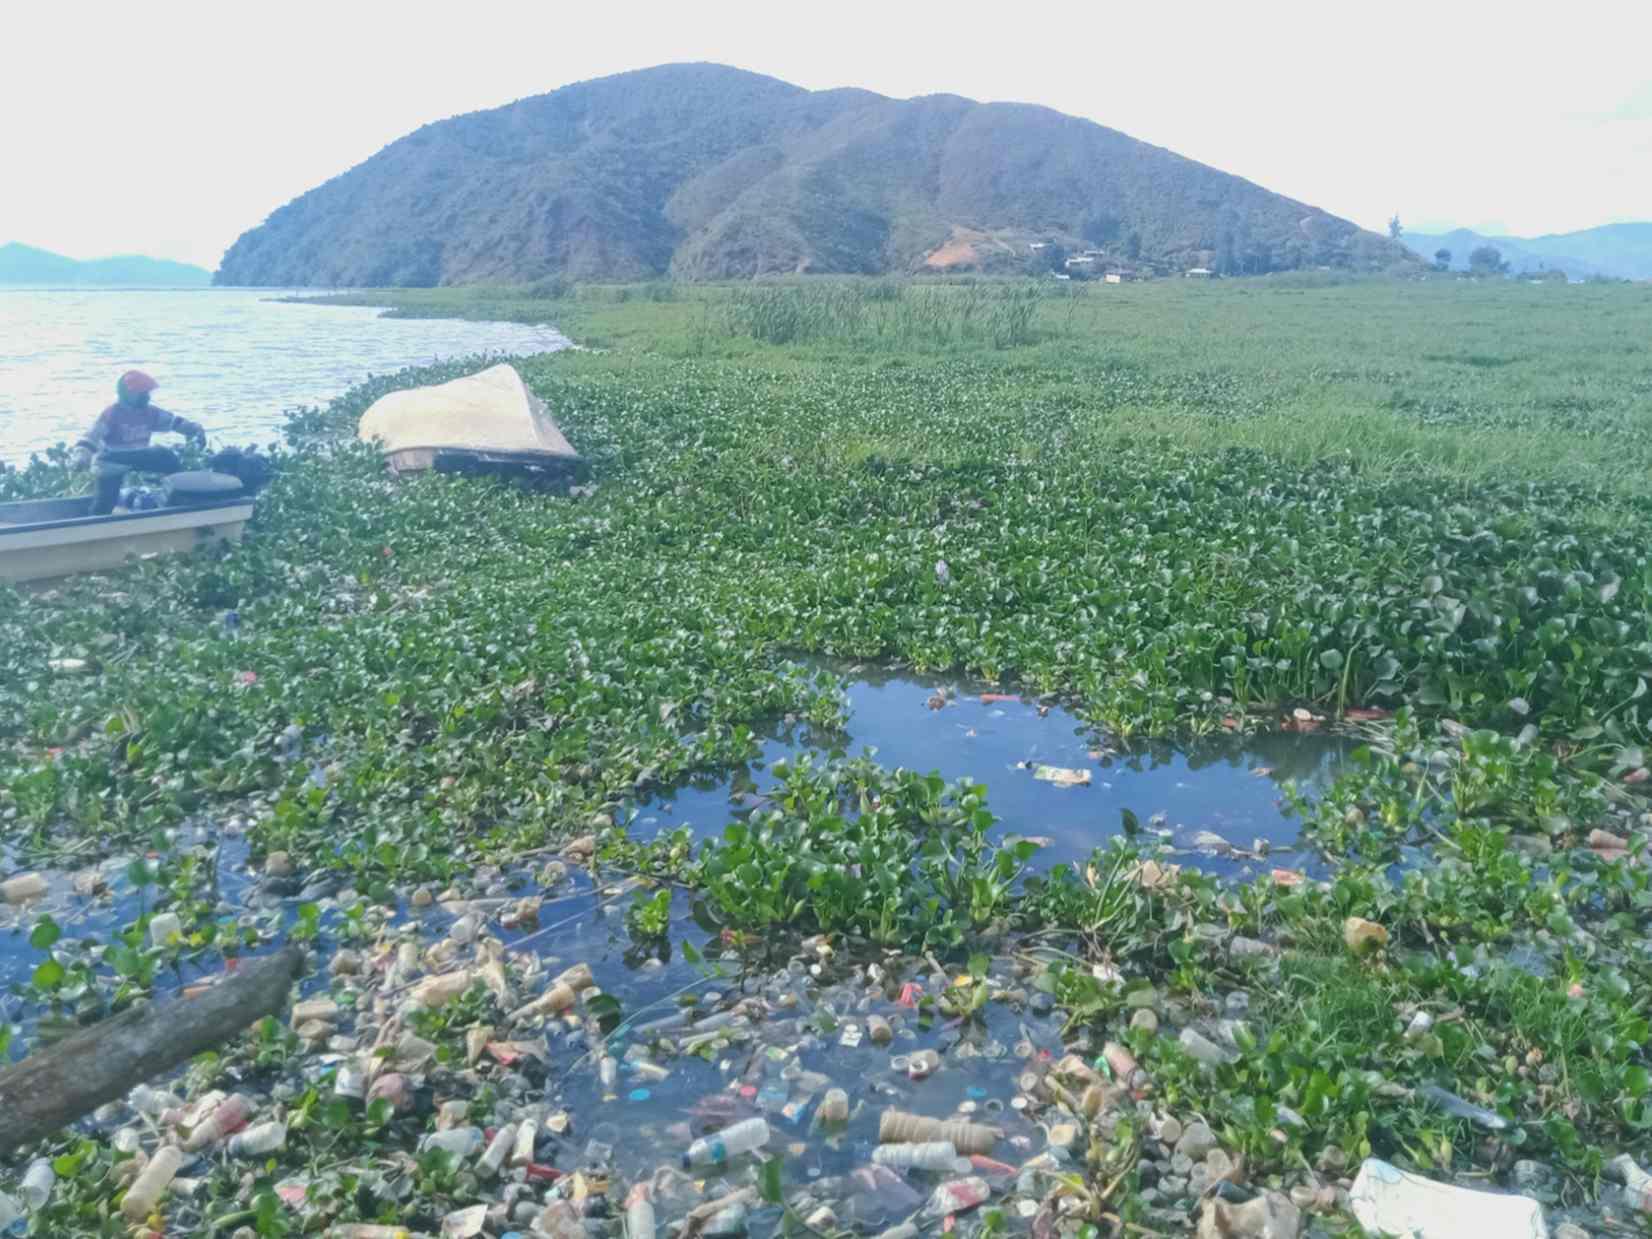 Pemkab Diminta Berantas Eceng Gondok Di Danau Paniai Suara Papua